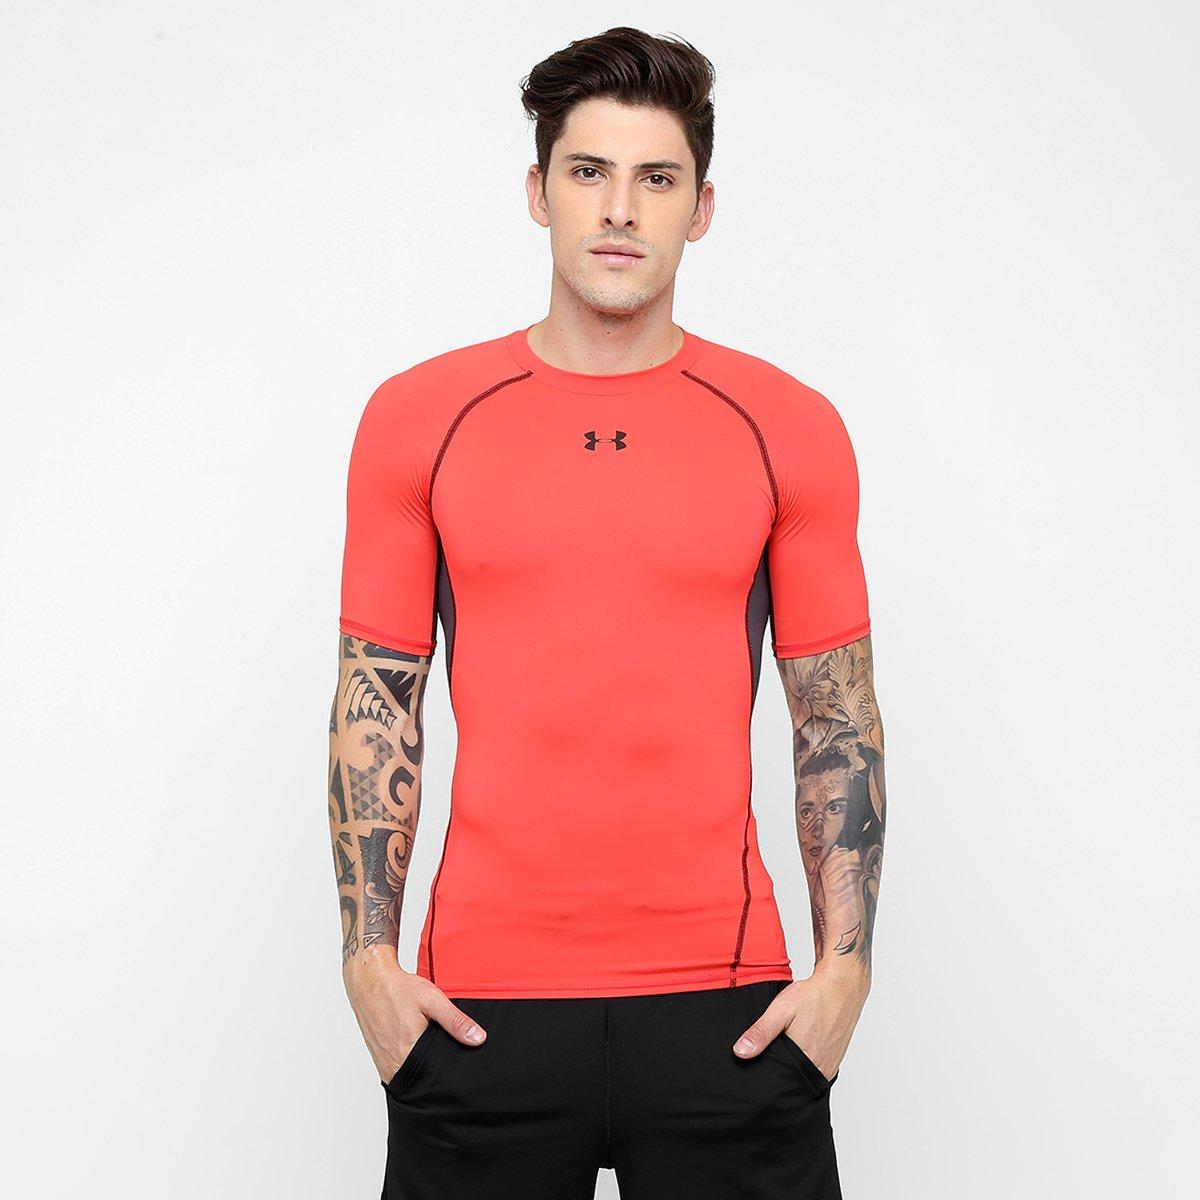 Camiseta de Compressão Under Armour Heatgear Masculina